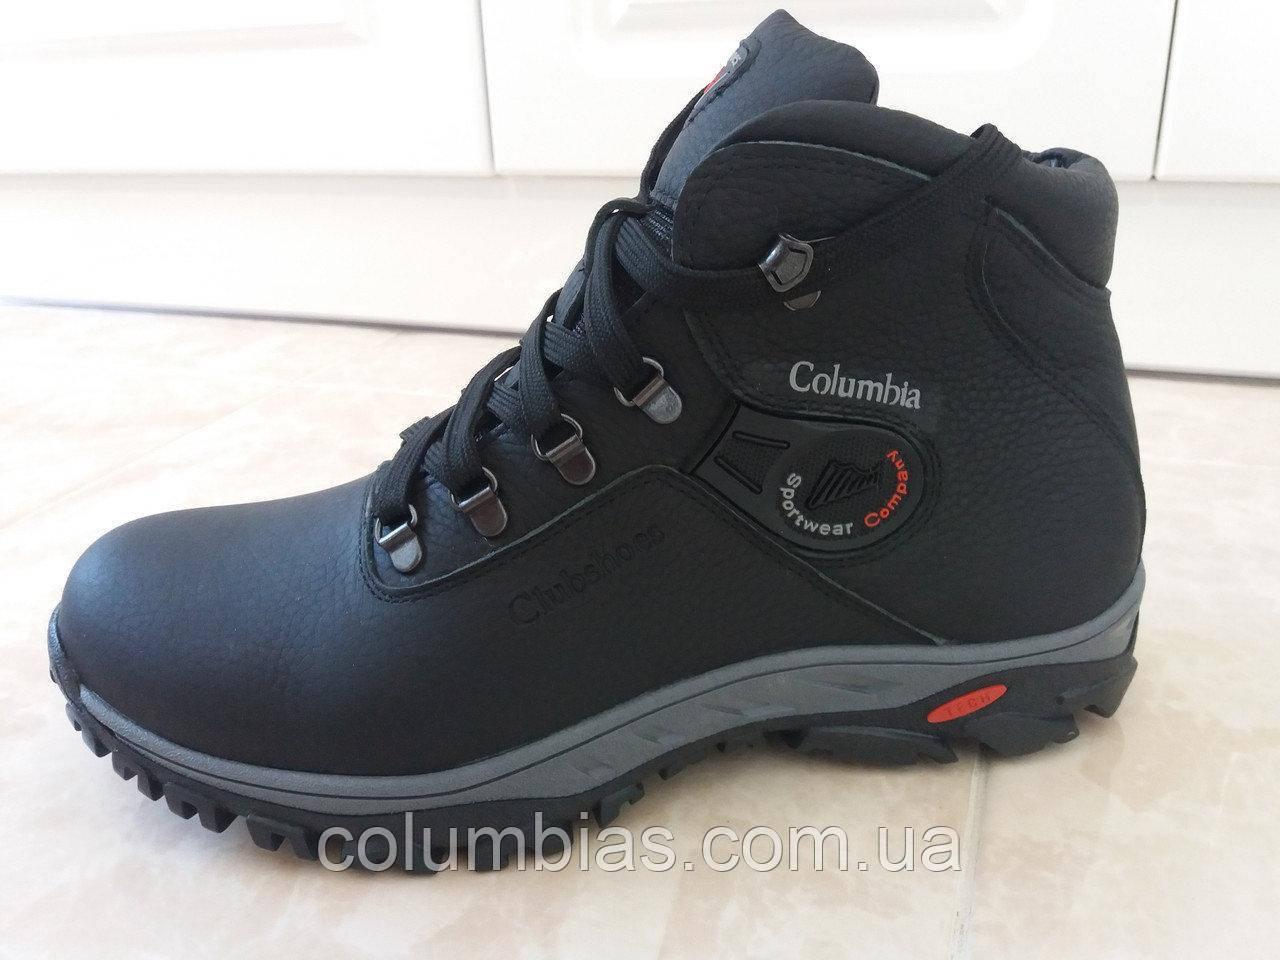 Зимова чоловіча шкіряна взуття Columbia shoes, 3945